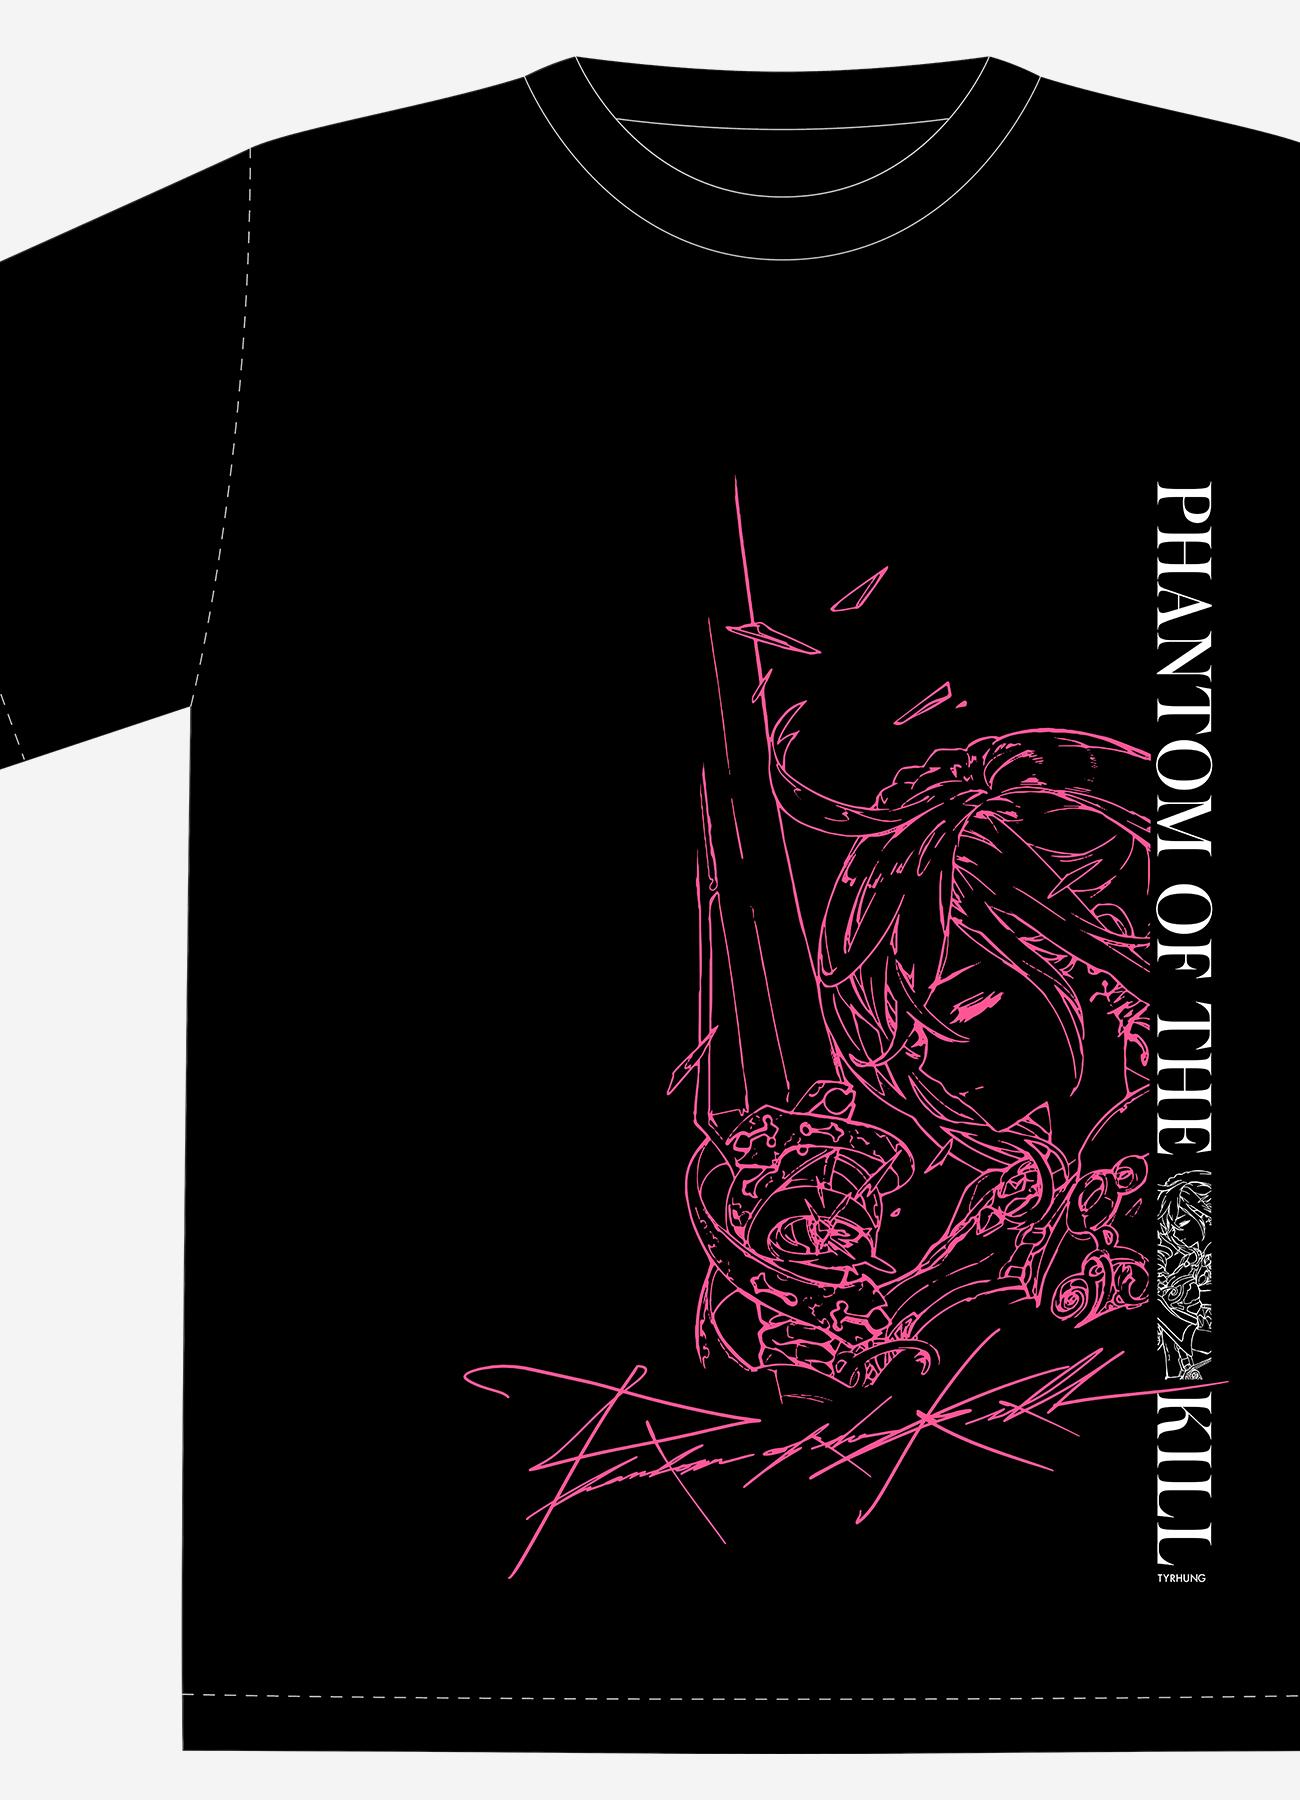 【再販】TYRHUNG 2021 プリントTシャツ